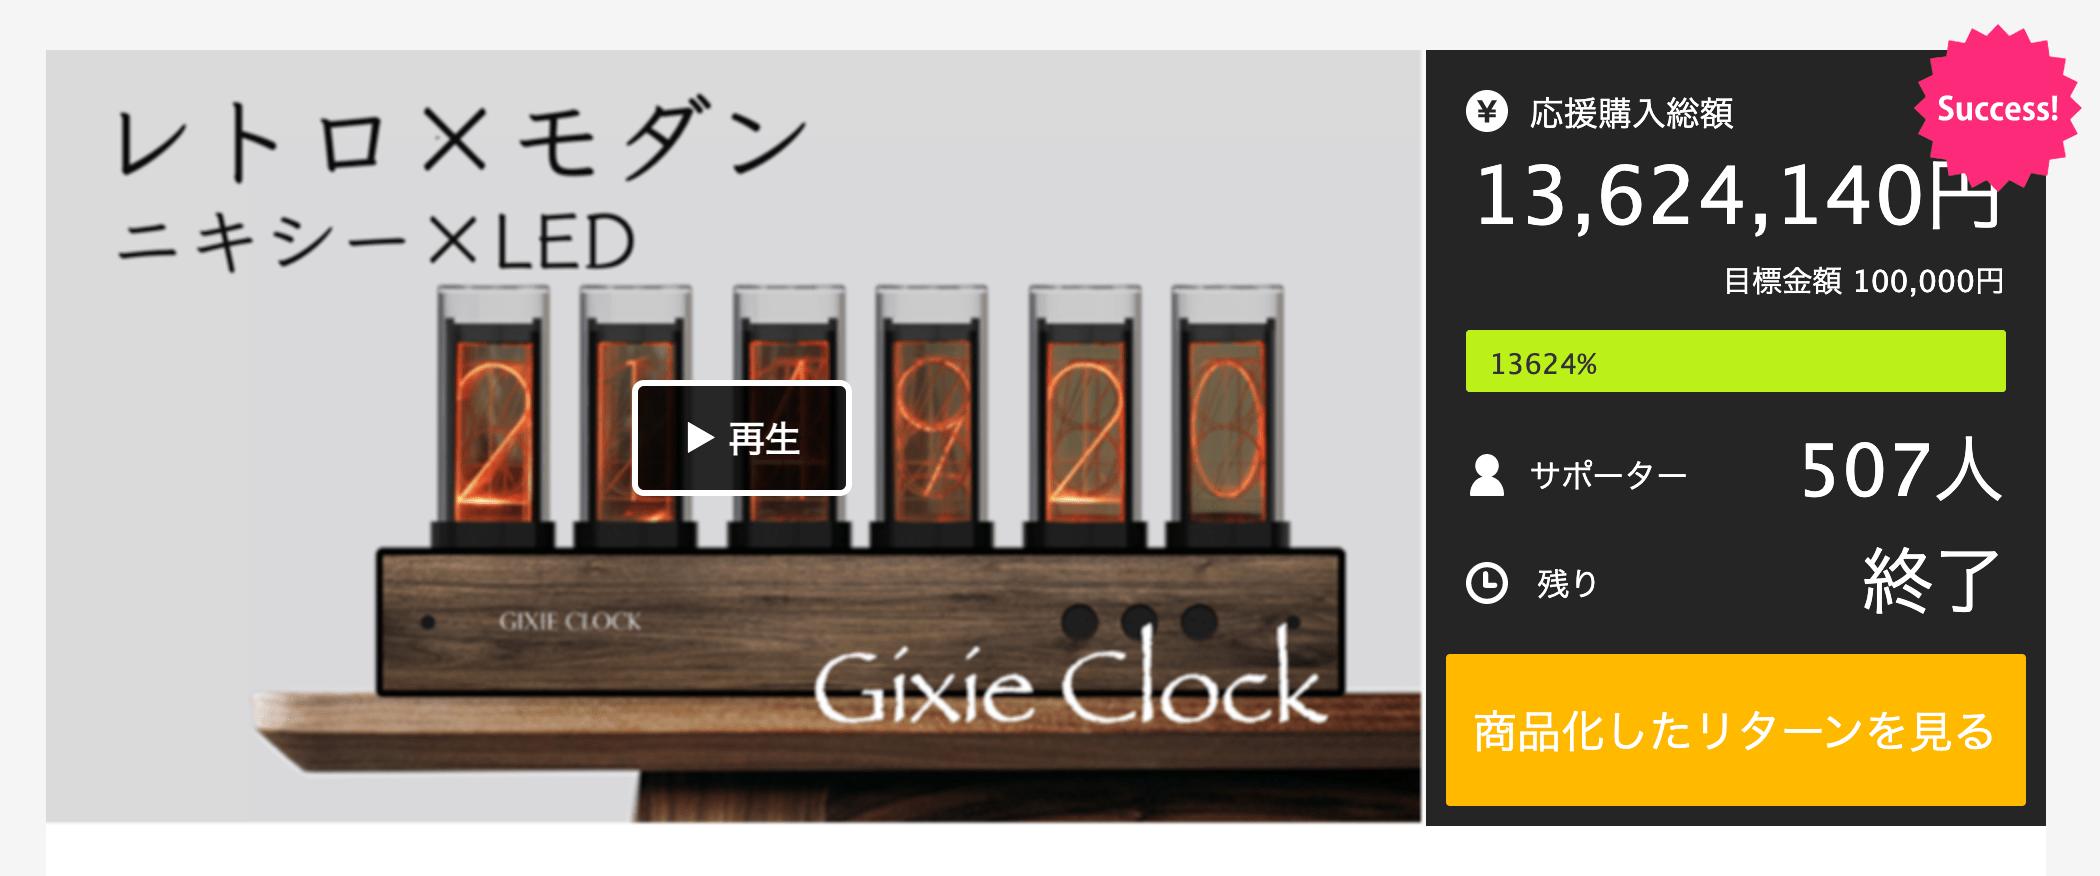 クラウドファンディングサイトMAKUAKEに掲載されるギクシークロック